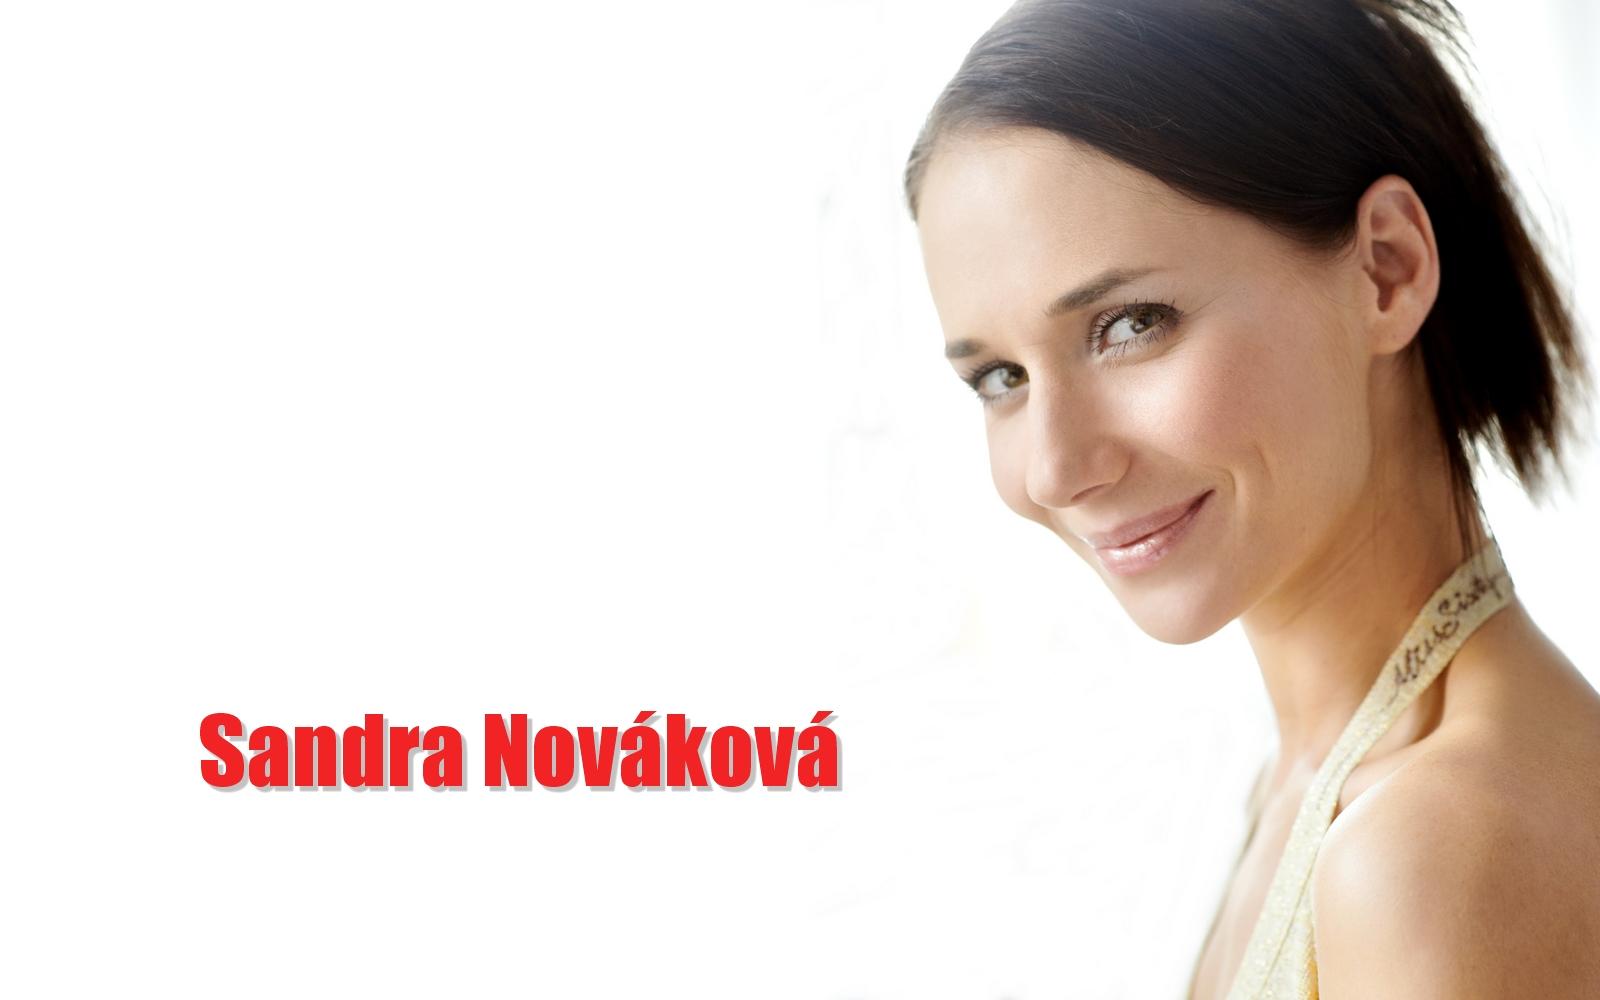 Sandra Novakova Nude Photos 66